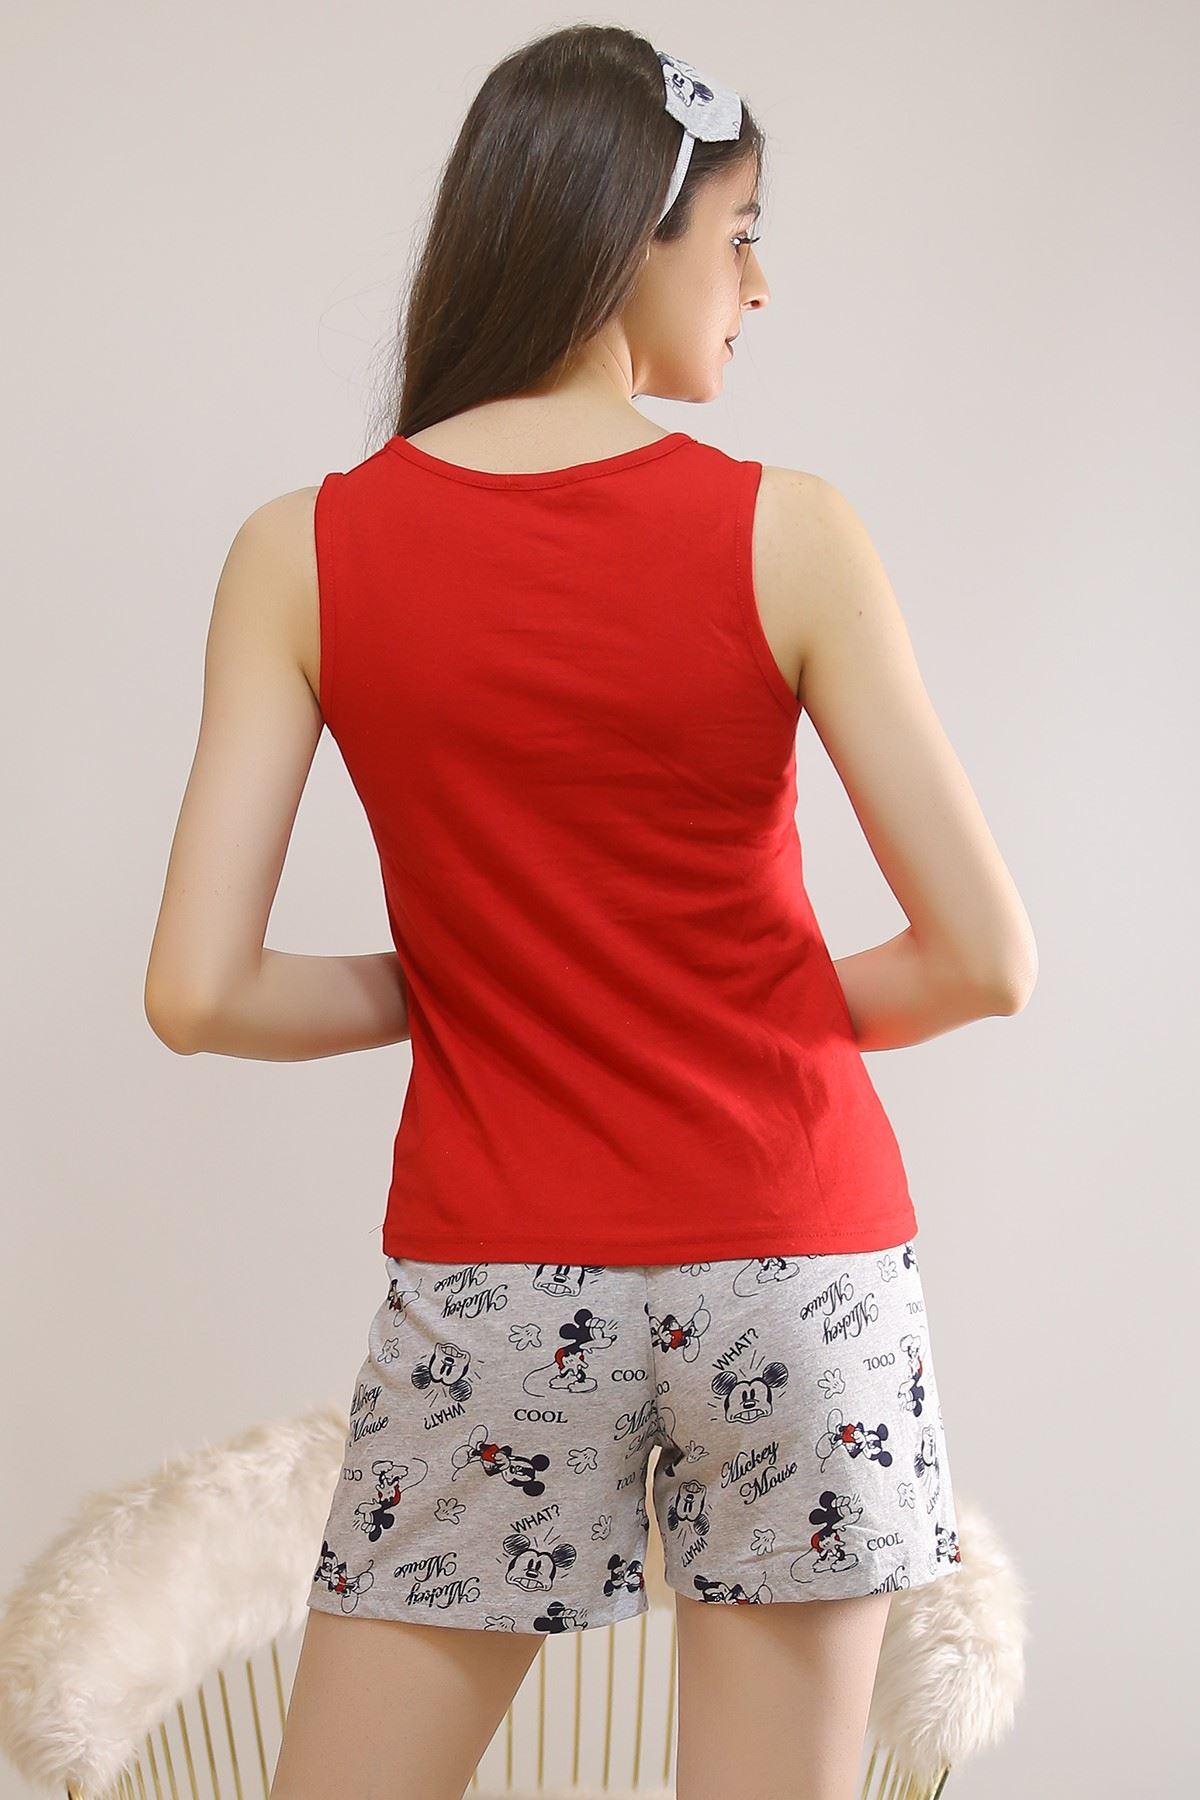 Şortlu Pijama Takımı Kırmızı - 5927.1059.